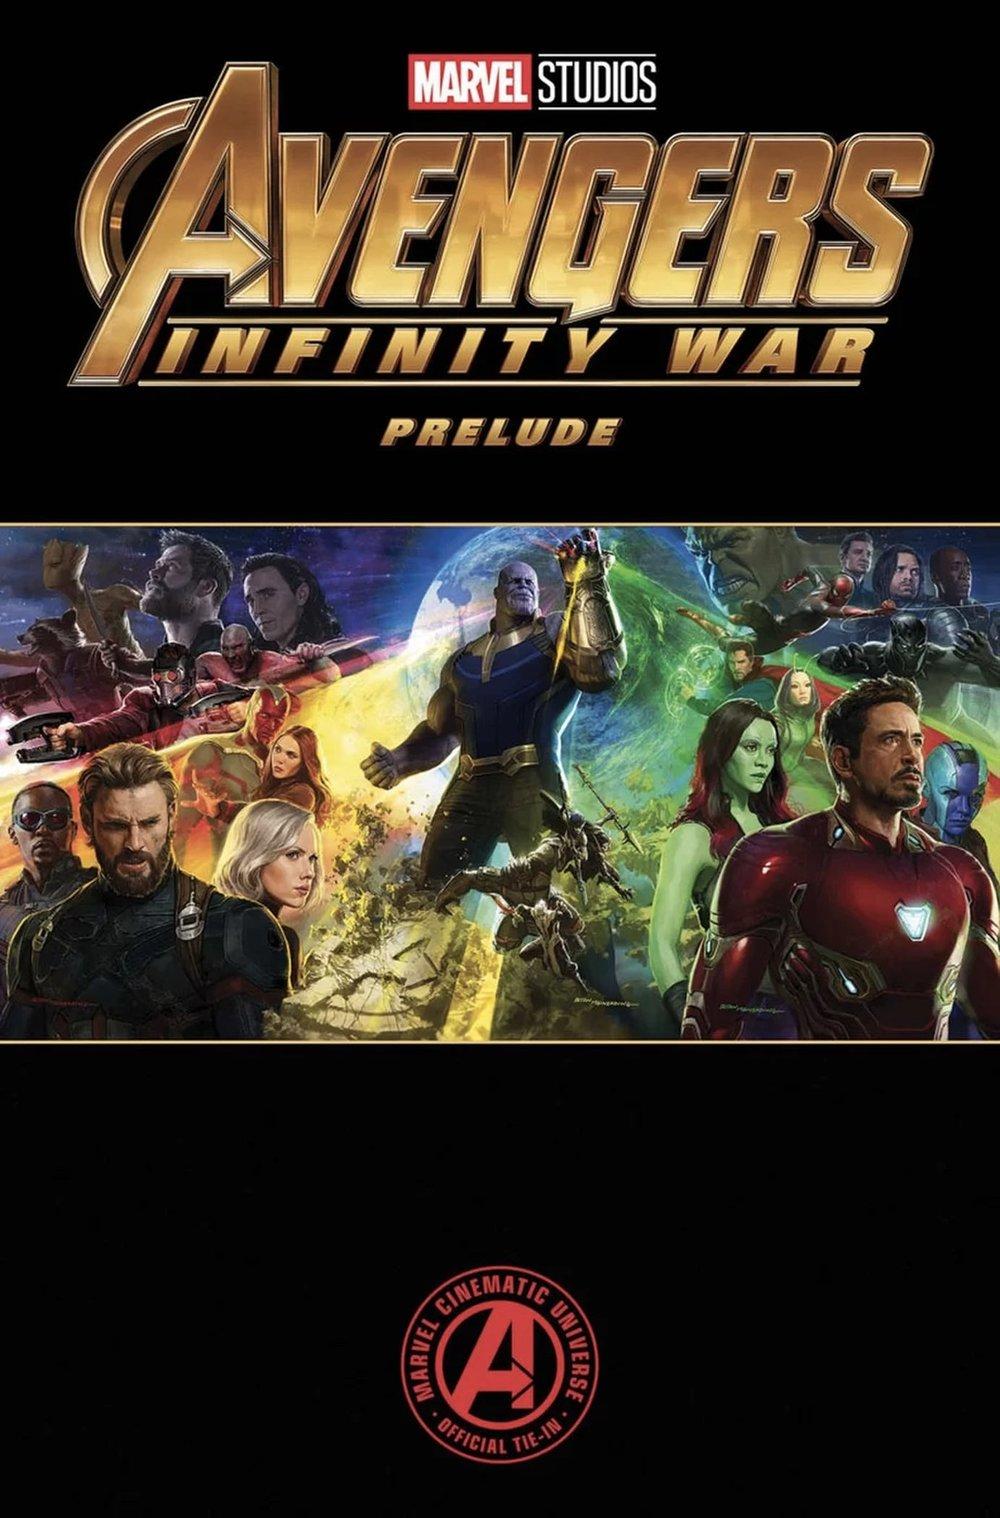 Avengers-Infinity-War-Prelude-Comic-Cover-Logo (1).jpg